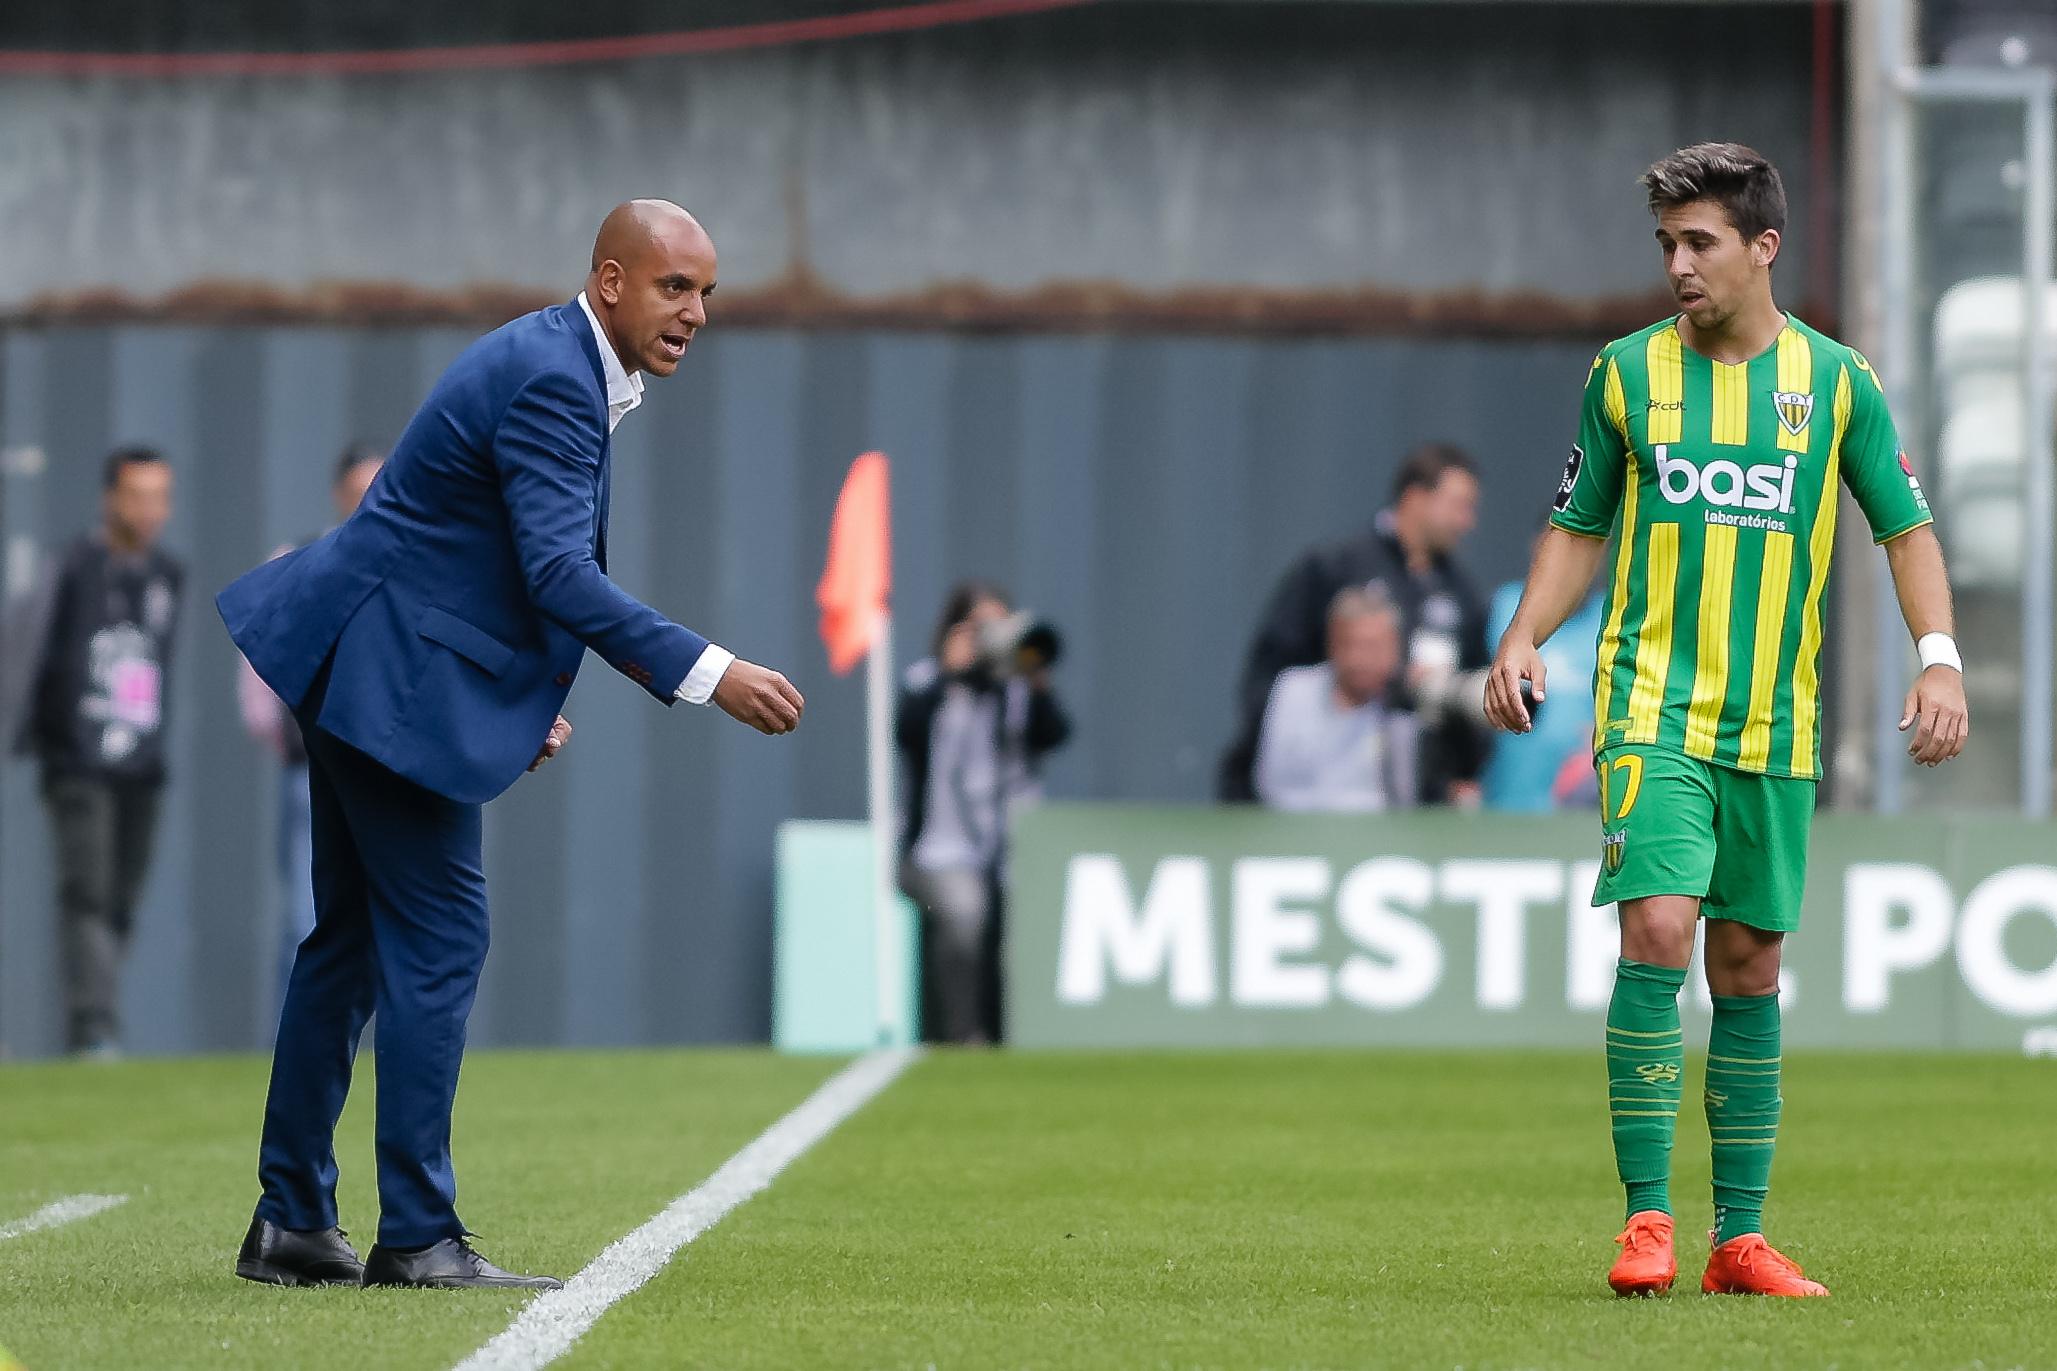 """Treinador do Tondela: """"Vamos ganhar o jogo por nós, mas acima de tudo pela cidade"""""""